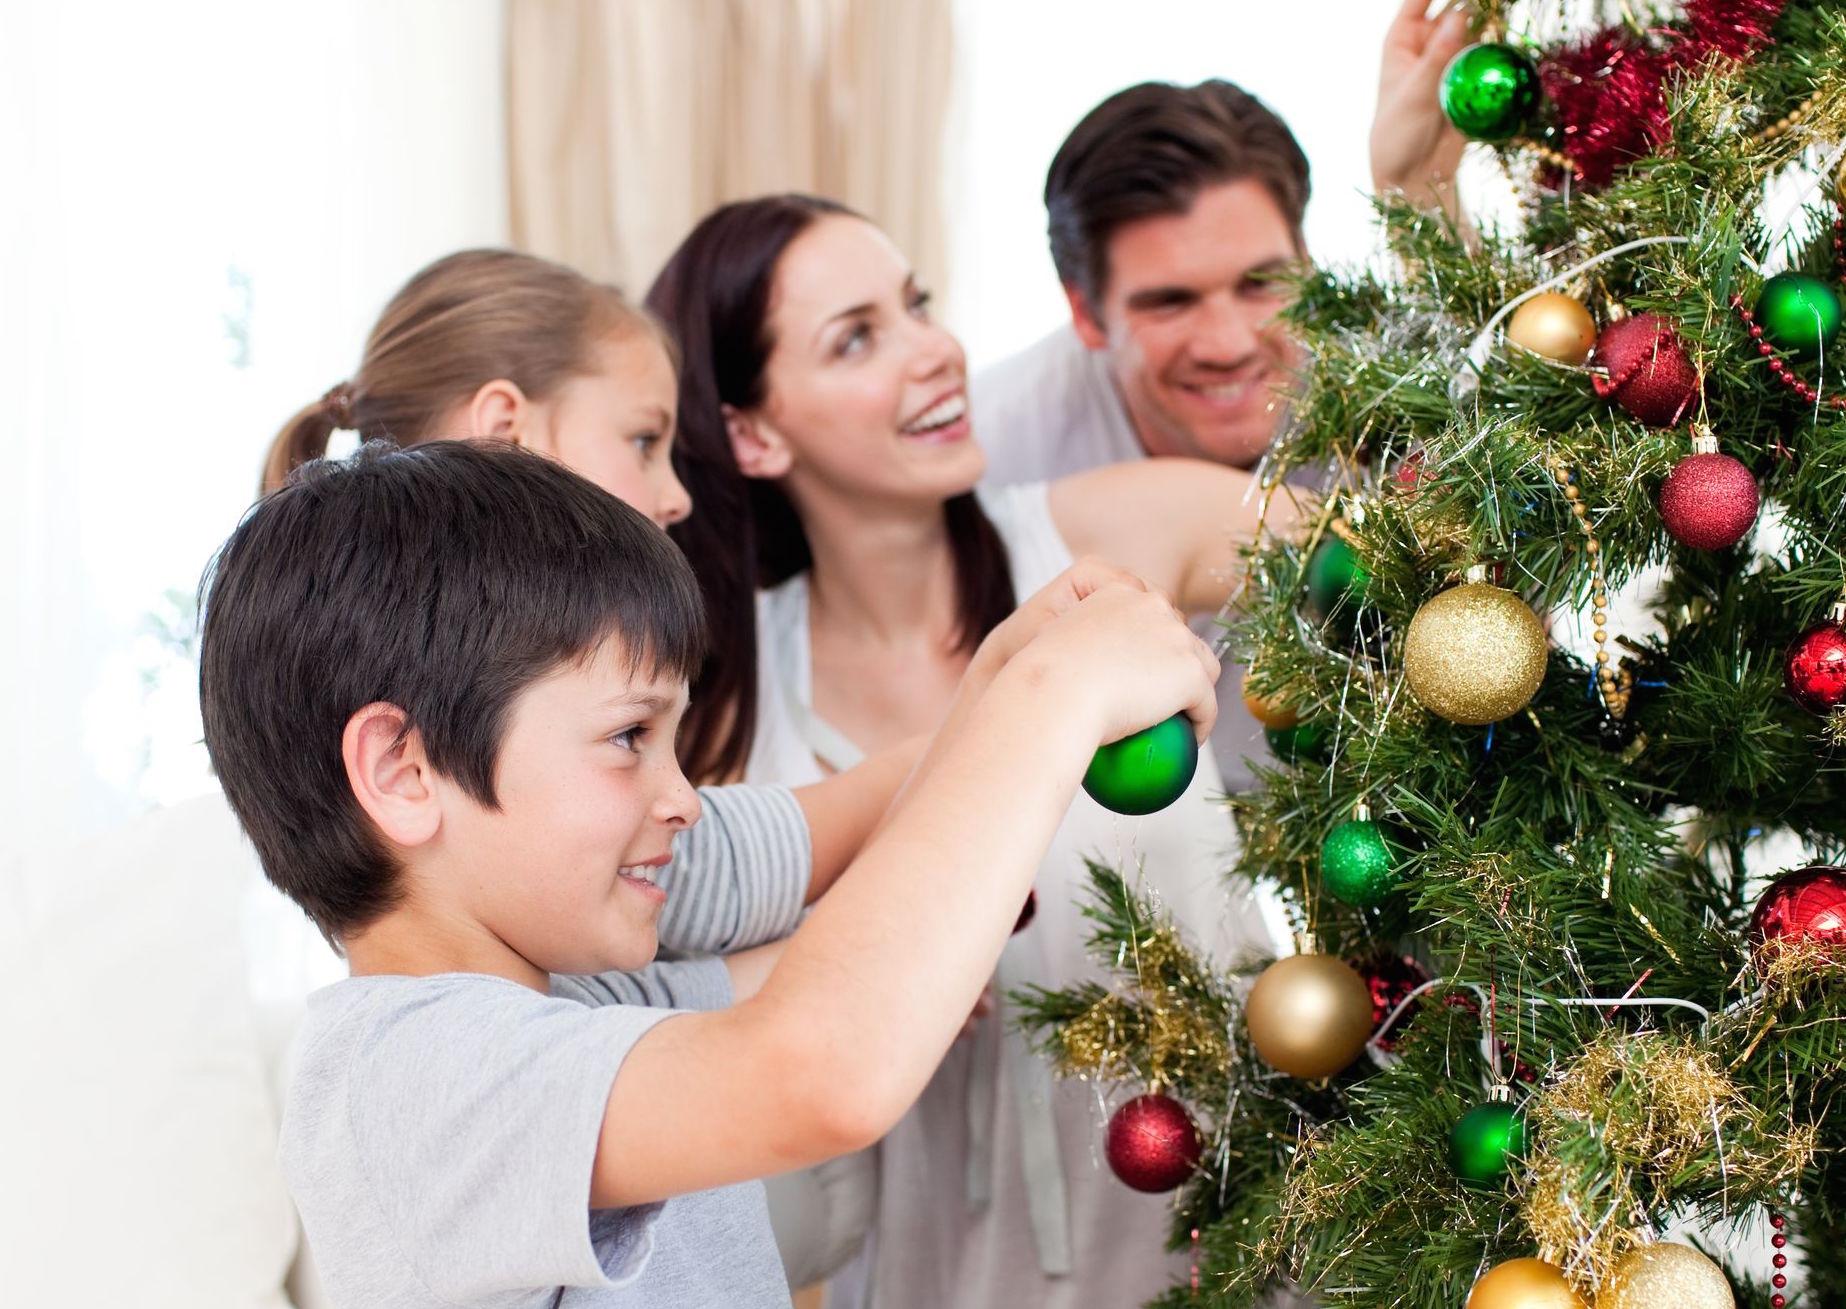 фото всей семьей у елочки новогодней супермаркетах